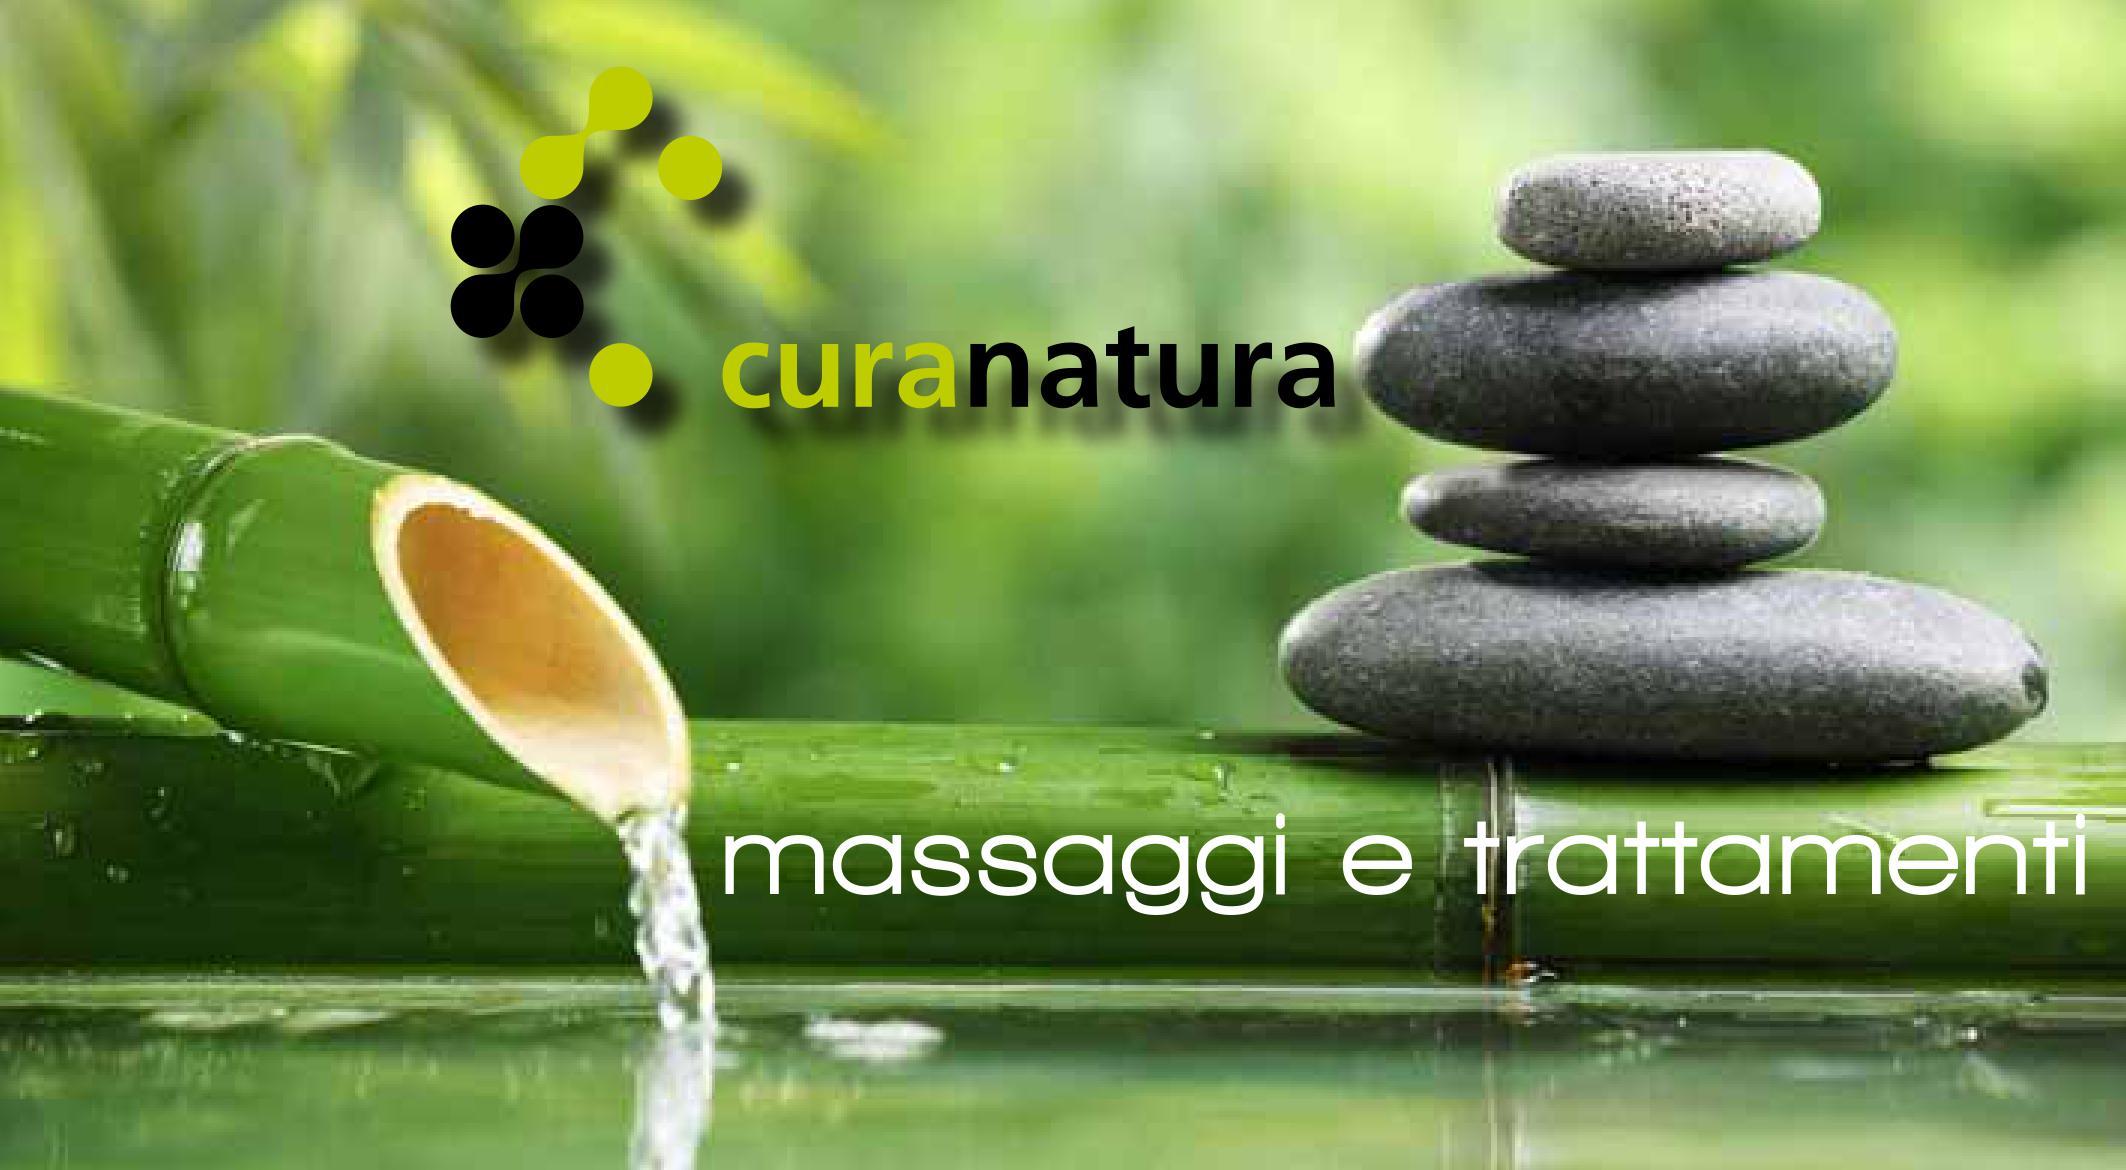 CURANATURA massaggi e trattamenti foto salone